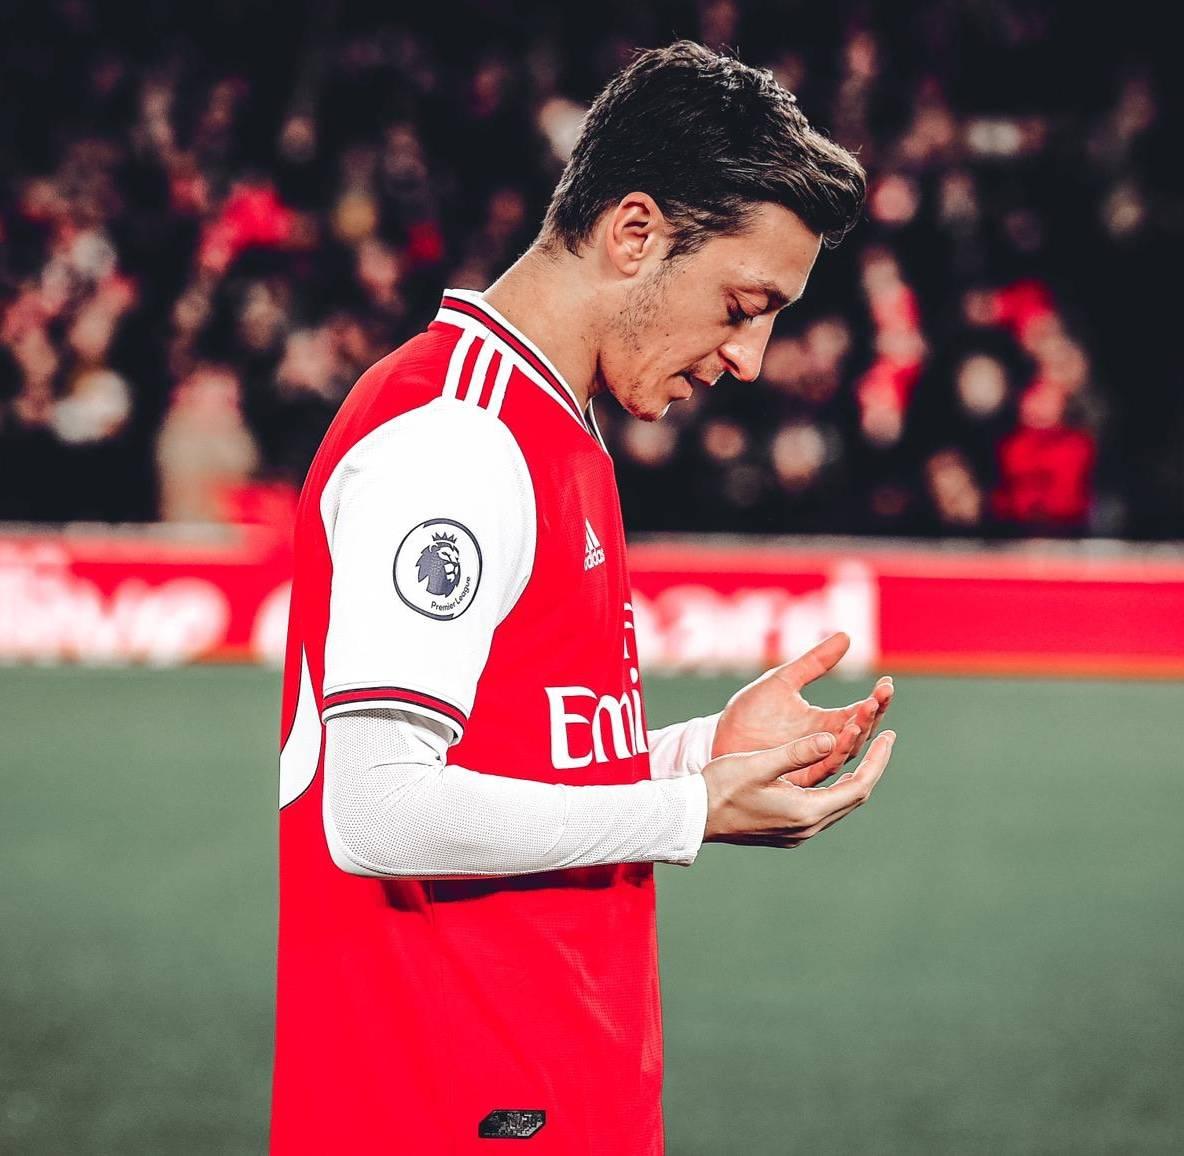 Mesut Ozil Arsenal Germany